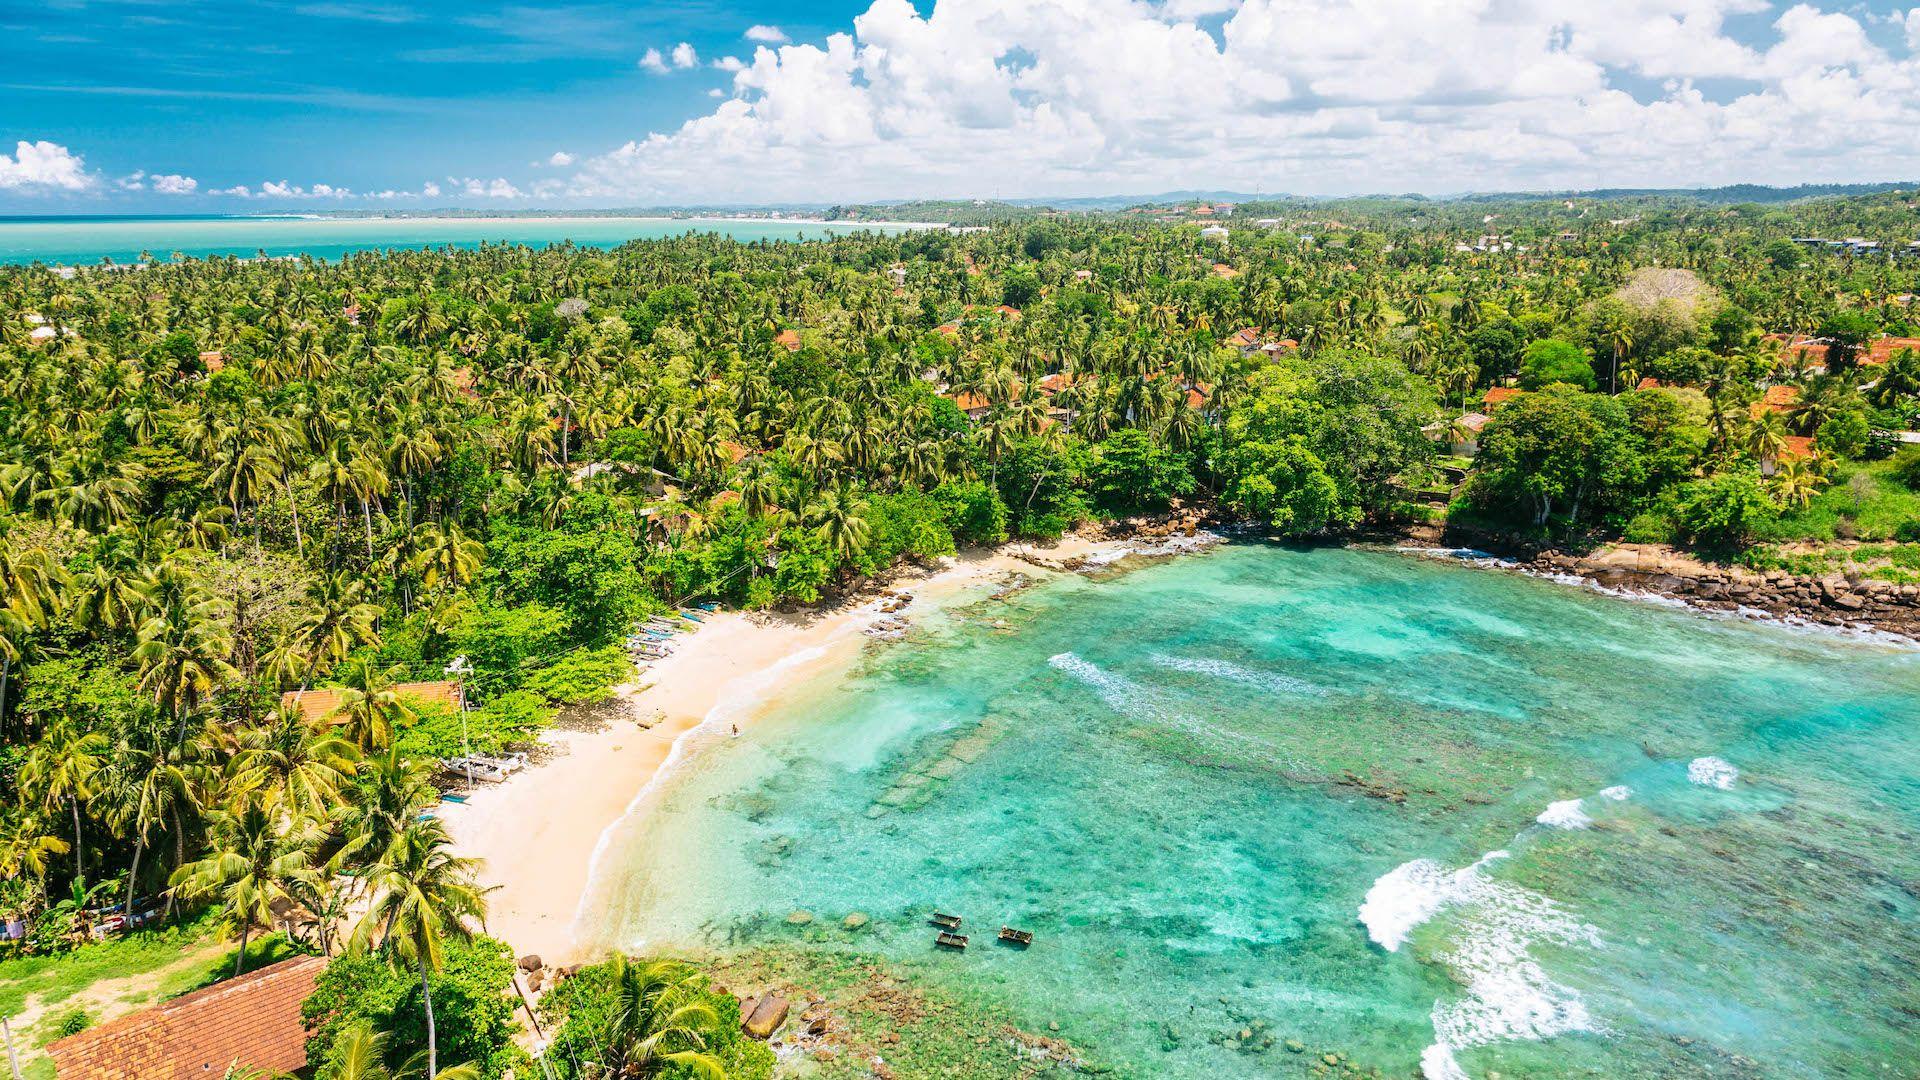 Los mejores destinos para viajar en 2019 según Lonely Planet